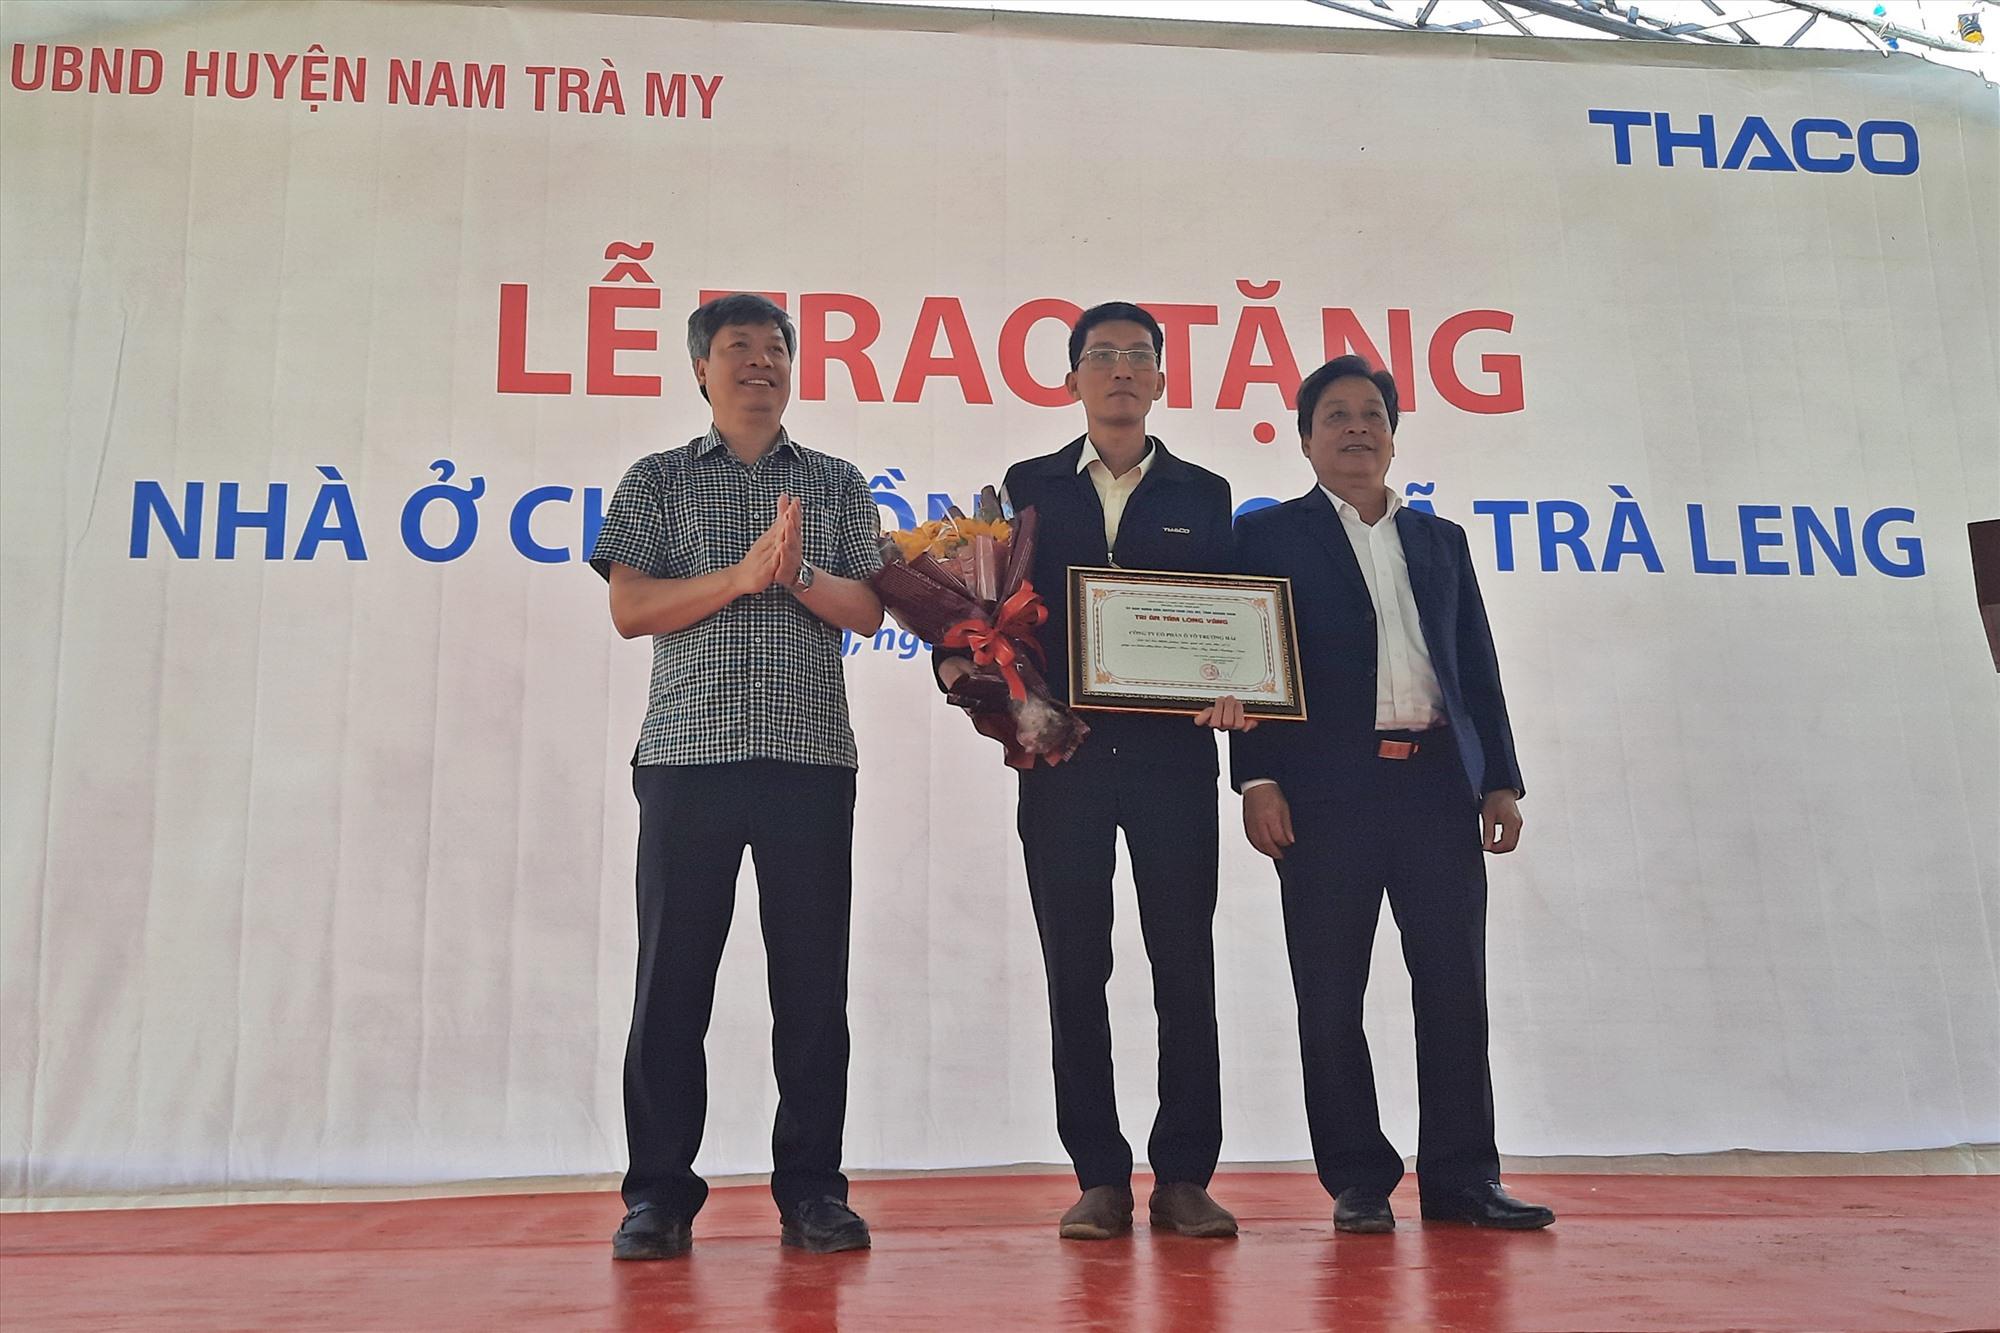 Phó Chủ tịch UBND tỉnh Hồ Quang Bửu tặng hoa, bảng tri ân tấm lòng vàng cho đại diện tập đoàn Thaco. Ảnh: Đ.ĐẠO